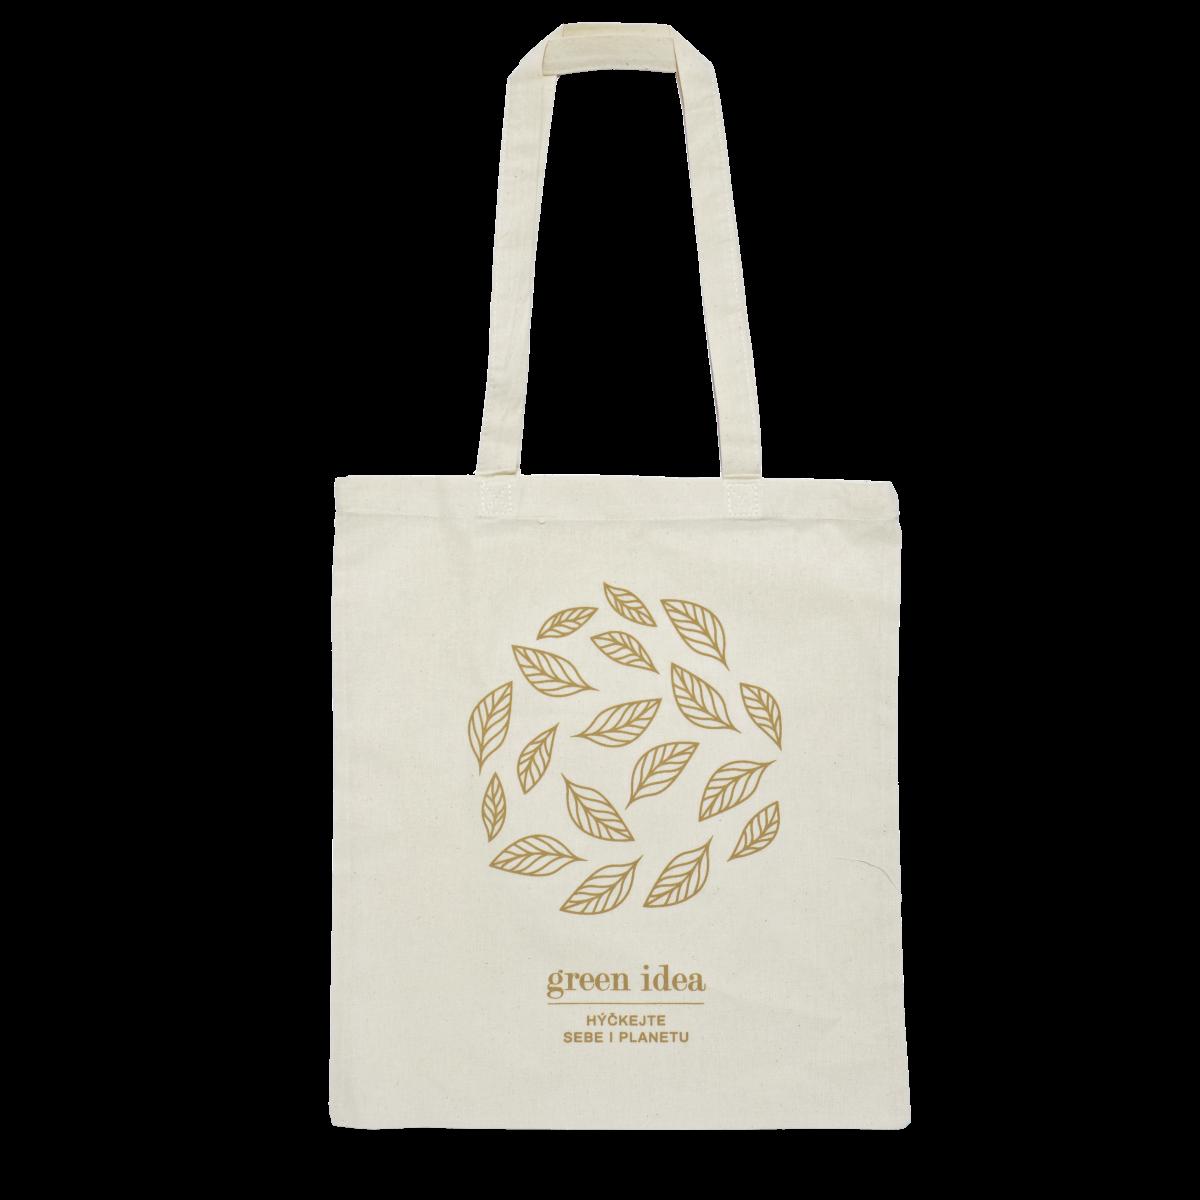 Látková nákupní taška s logem Green idea